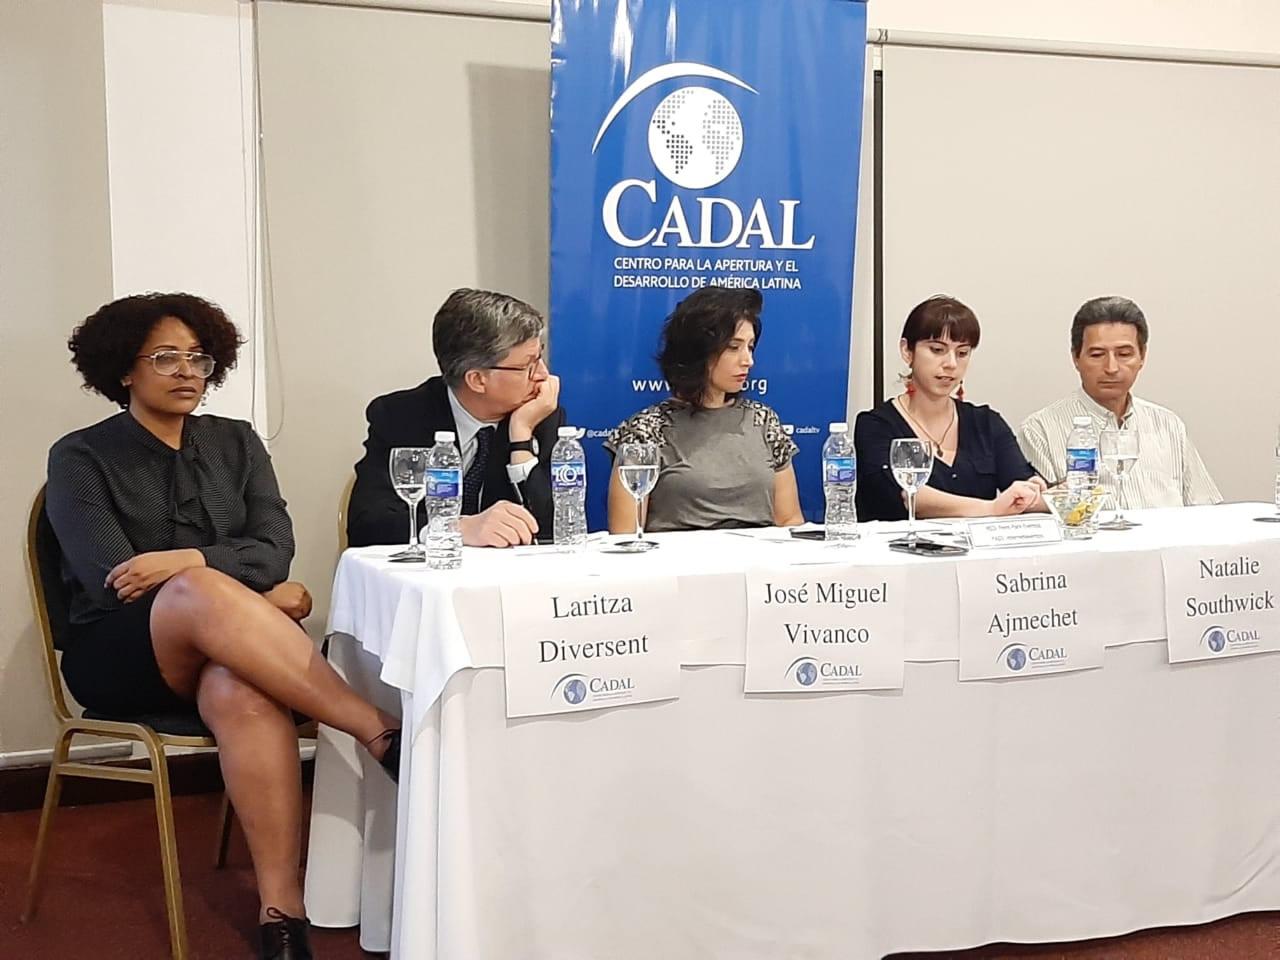 Desafíos al activismo de derechos humanos en América Latina